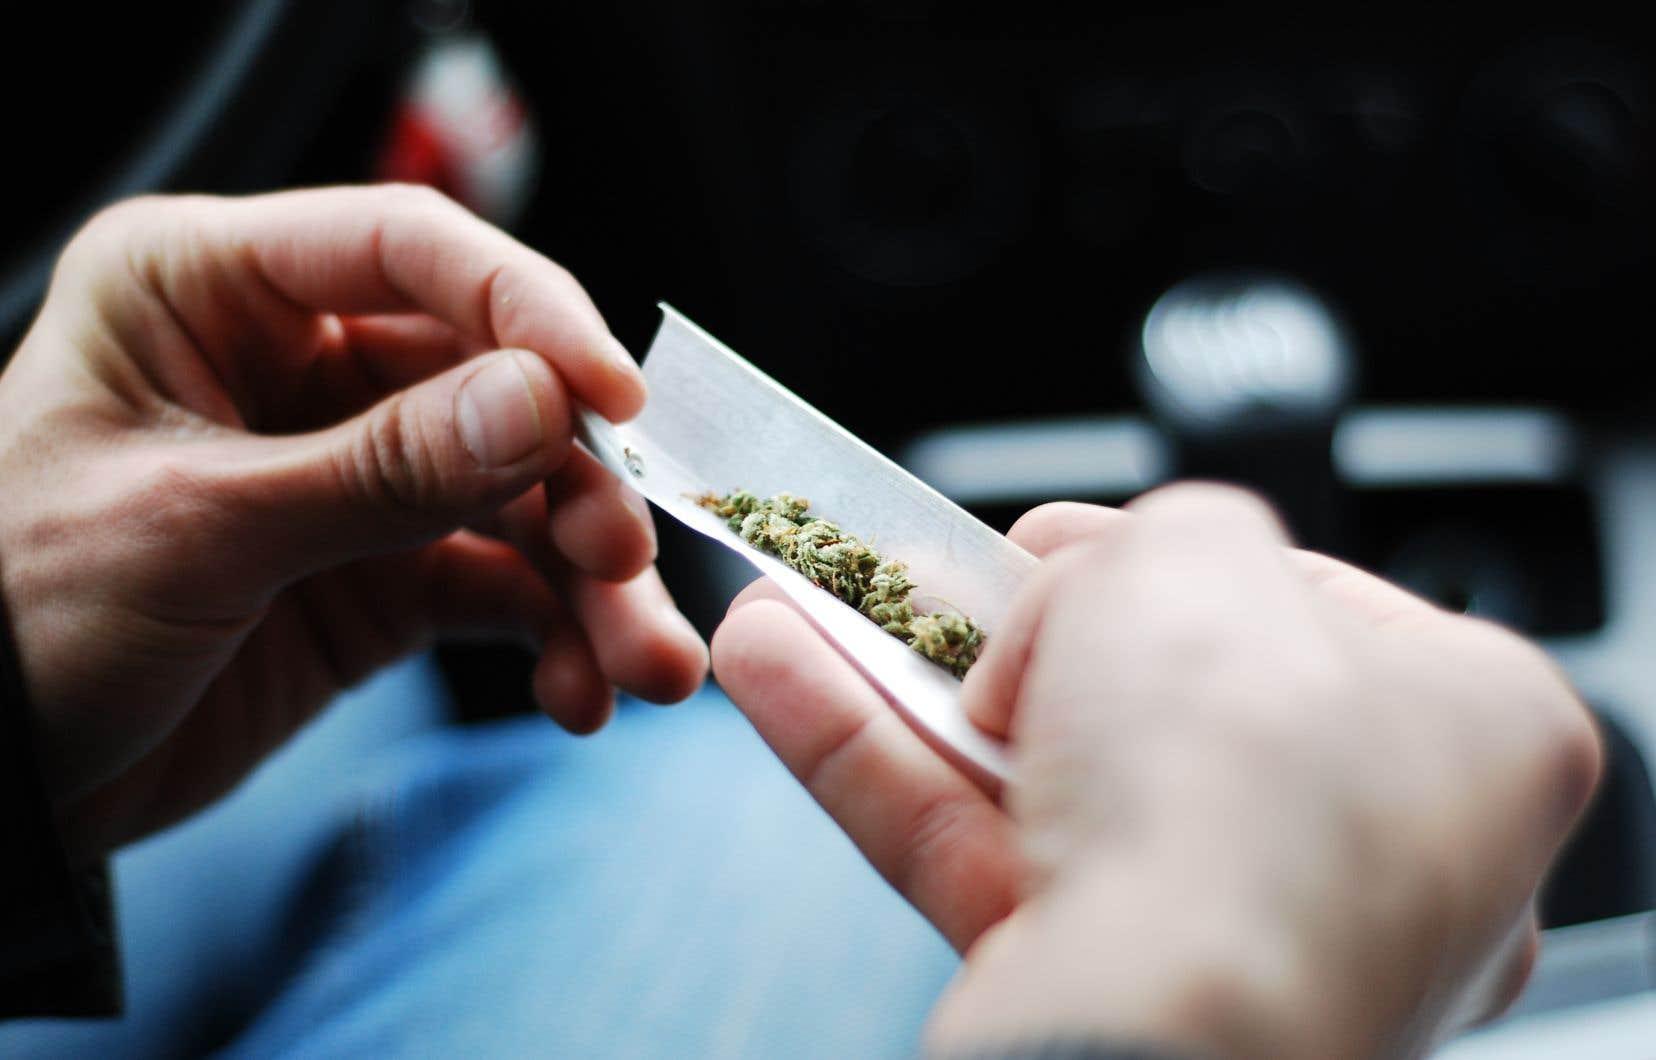 Les jeunes médecins s'inquiètent de l'absence de formation prévue pour les préparer, dès juillet prochain, à la légalisation de la marijuana.